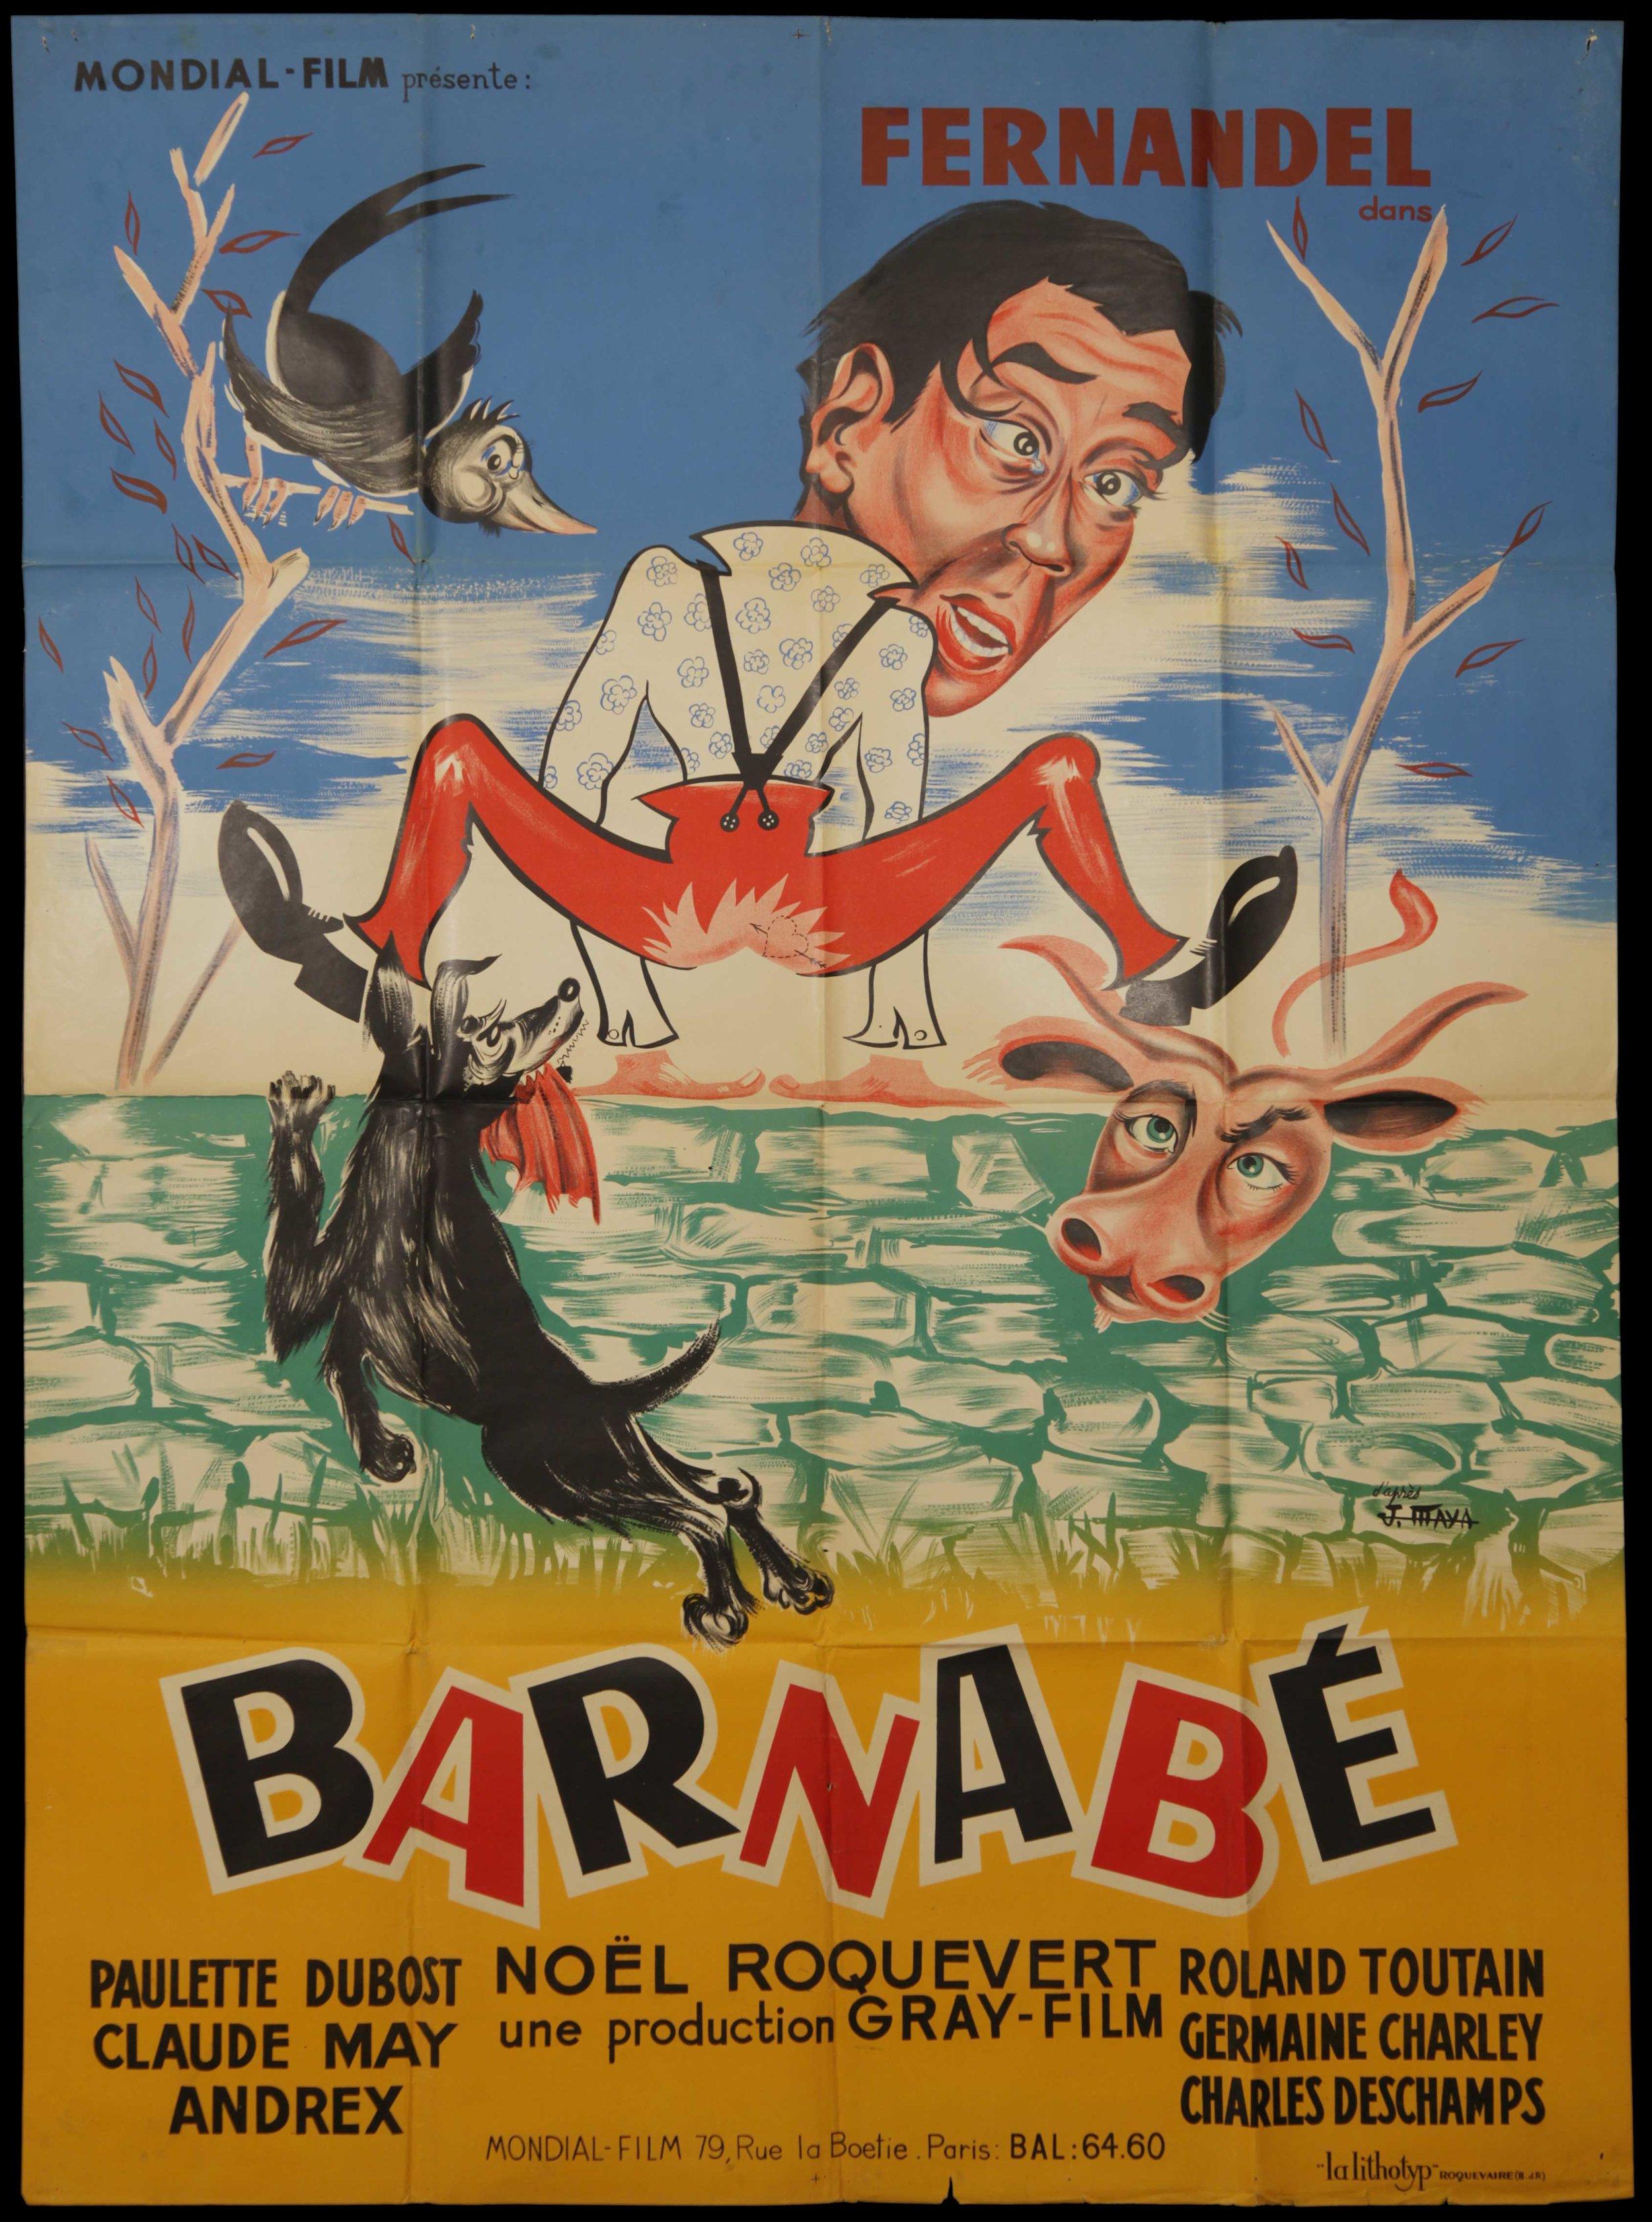 """Fernadel in """"Barnabé"""" (1938)"""